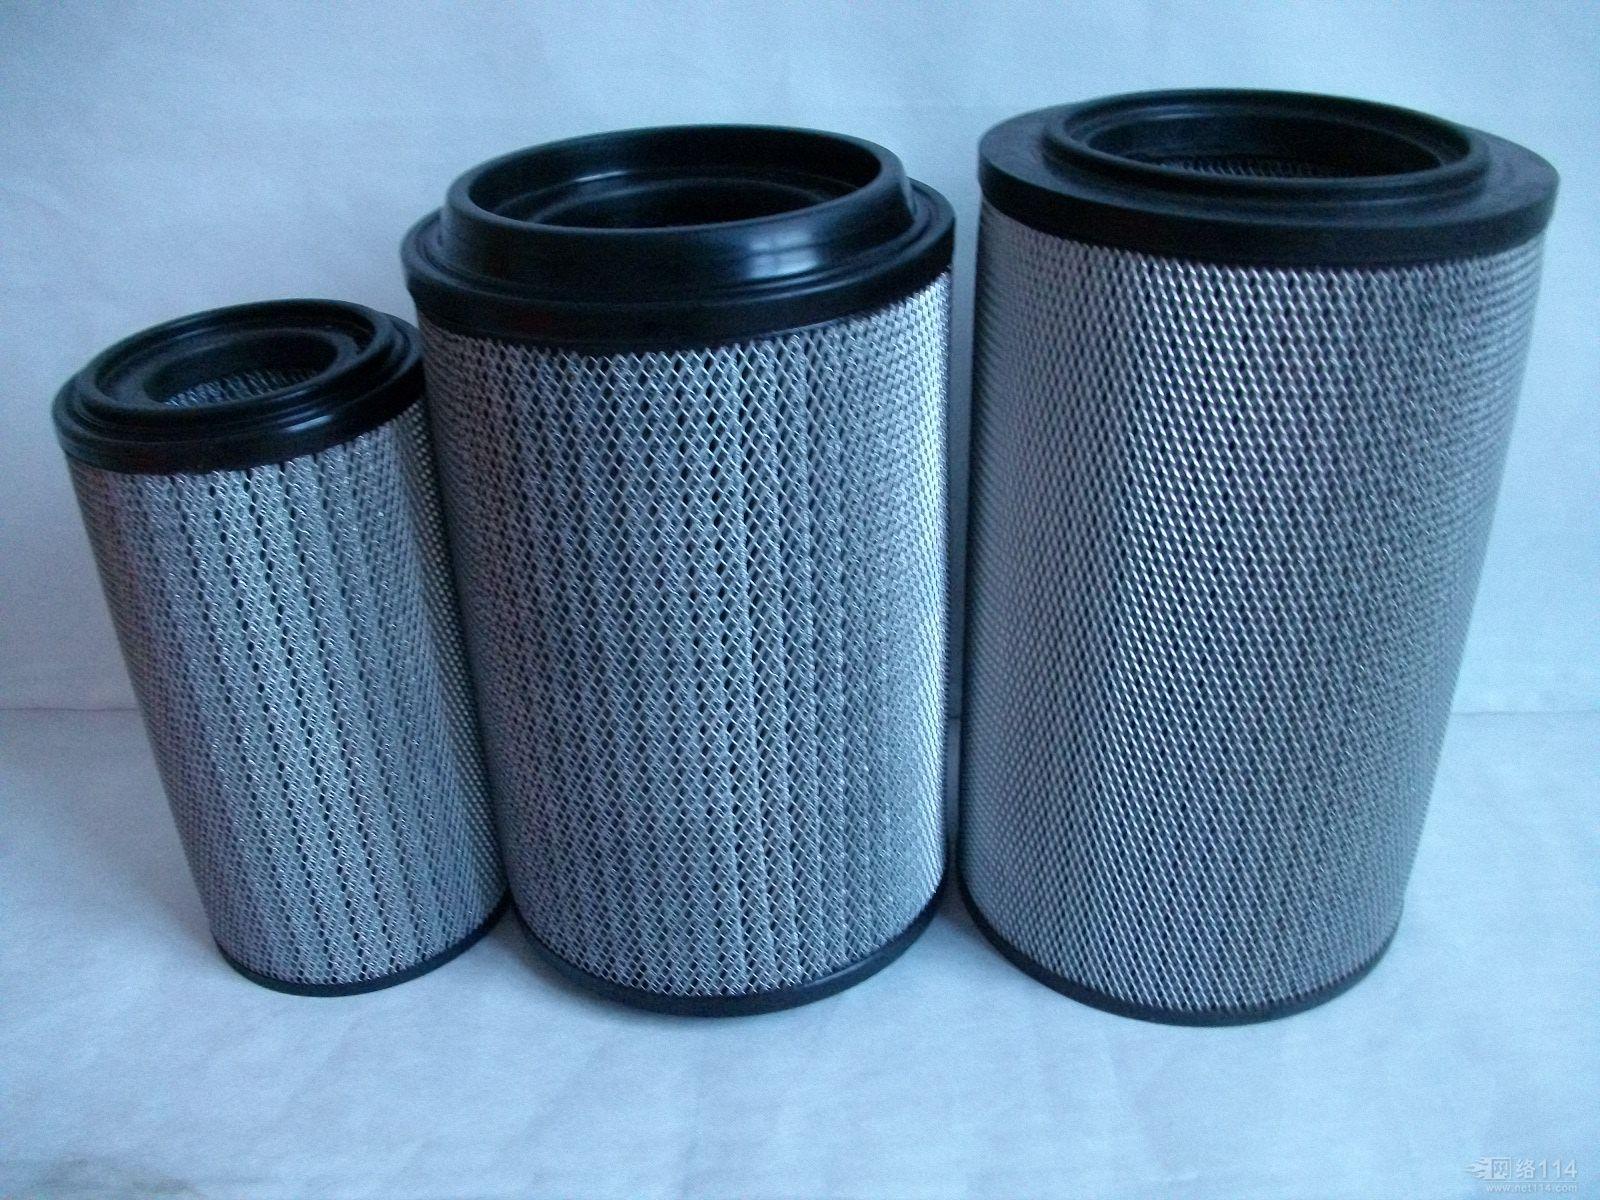 格力净水器滤芯价格—格力净水器滤芯多少钱